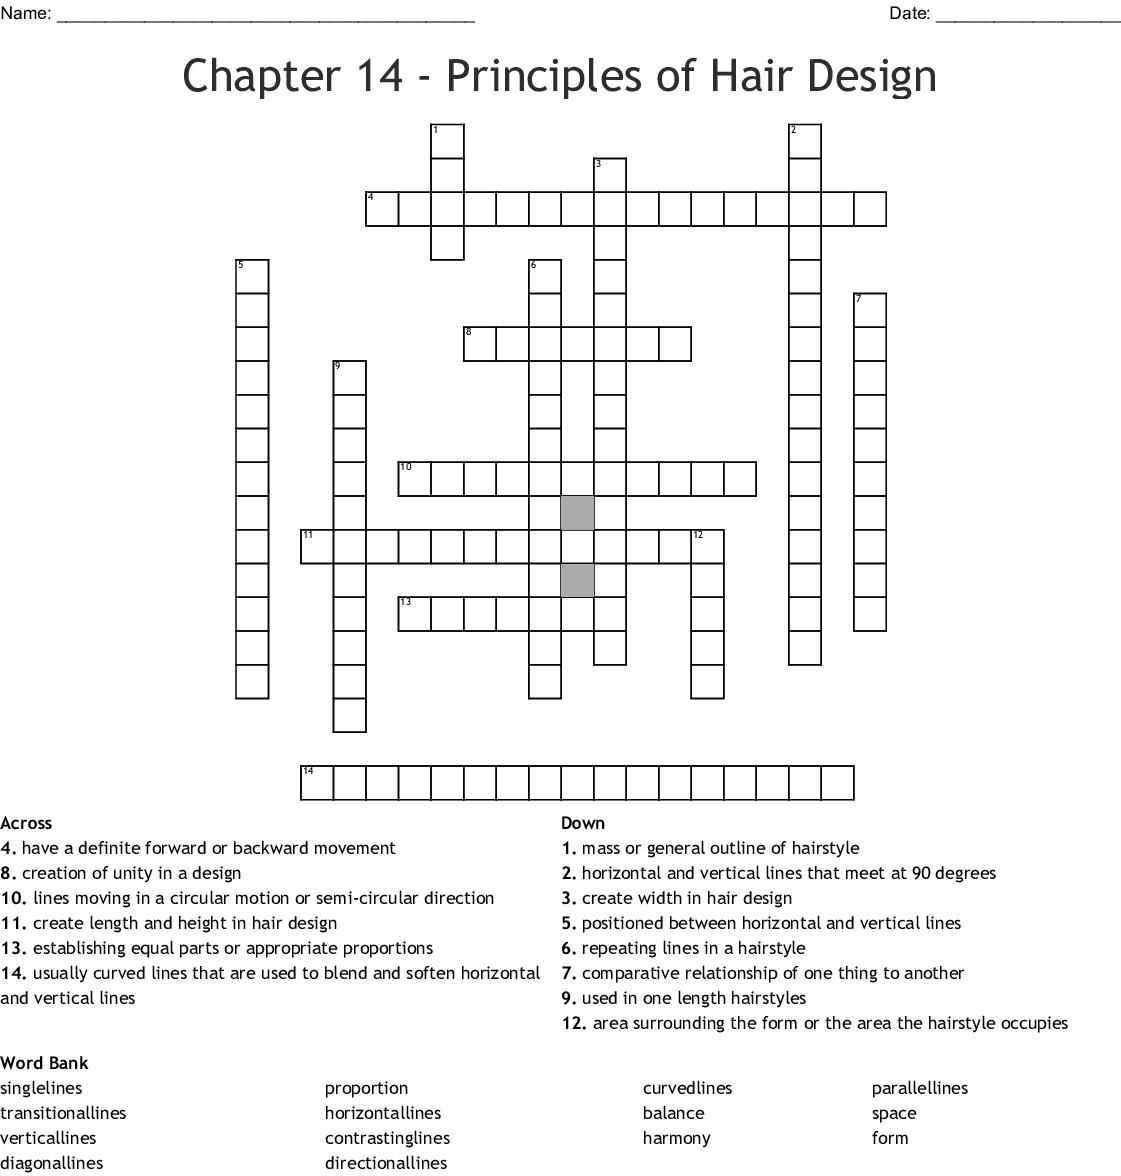 Chapter 5 - Principles of Hair Design Crossword - WordMint